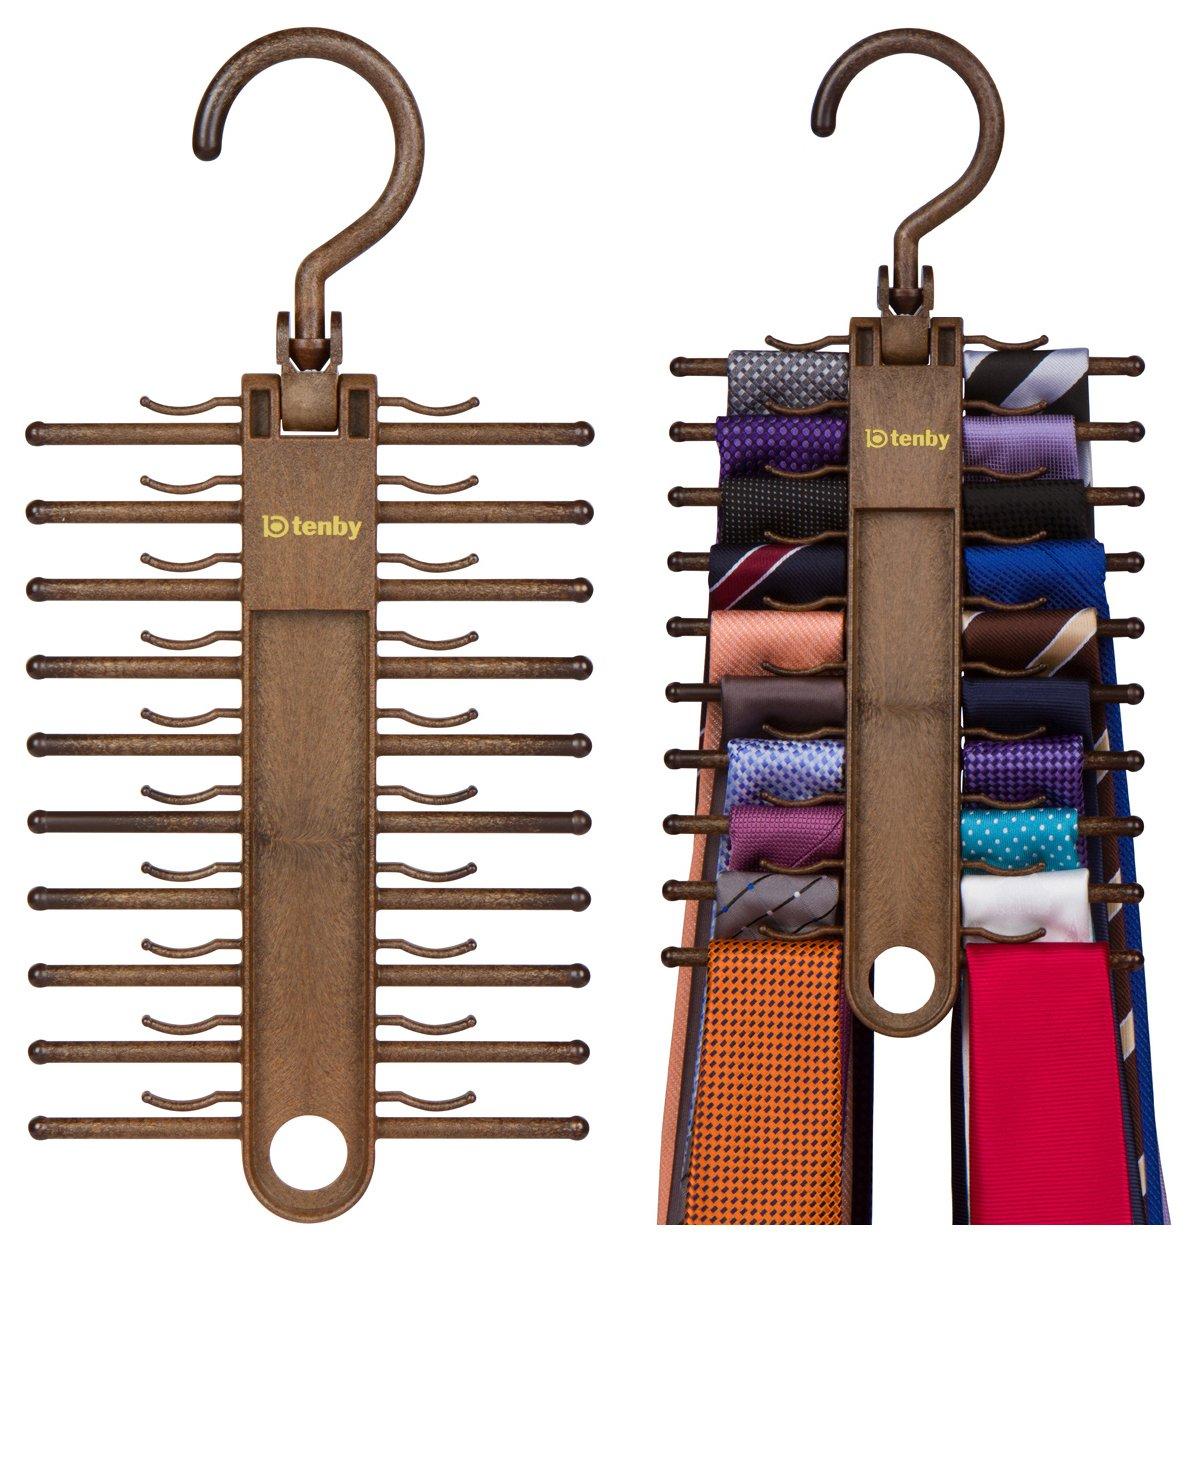 Best Tie Racks For Closets: 2 PACK Tie Rack Organizer Hanger Holder. Storage Closet